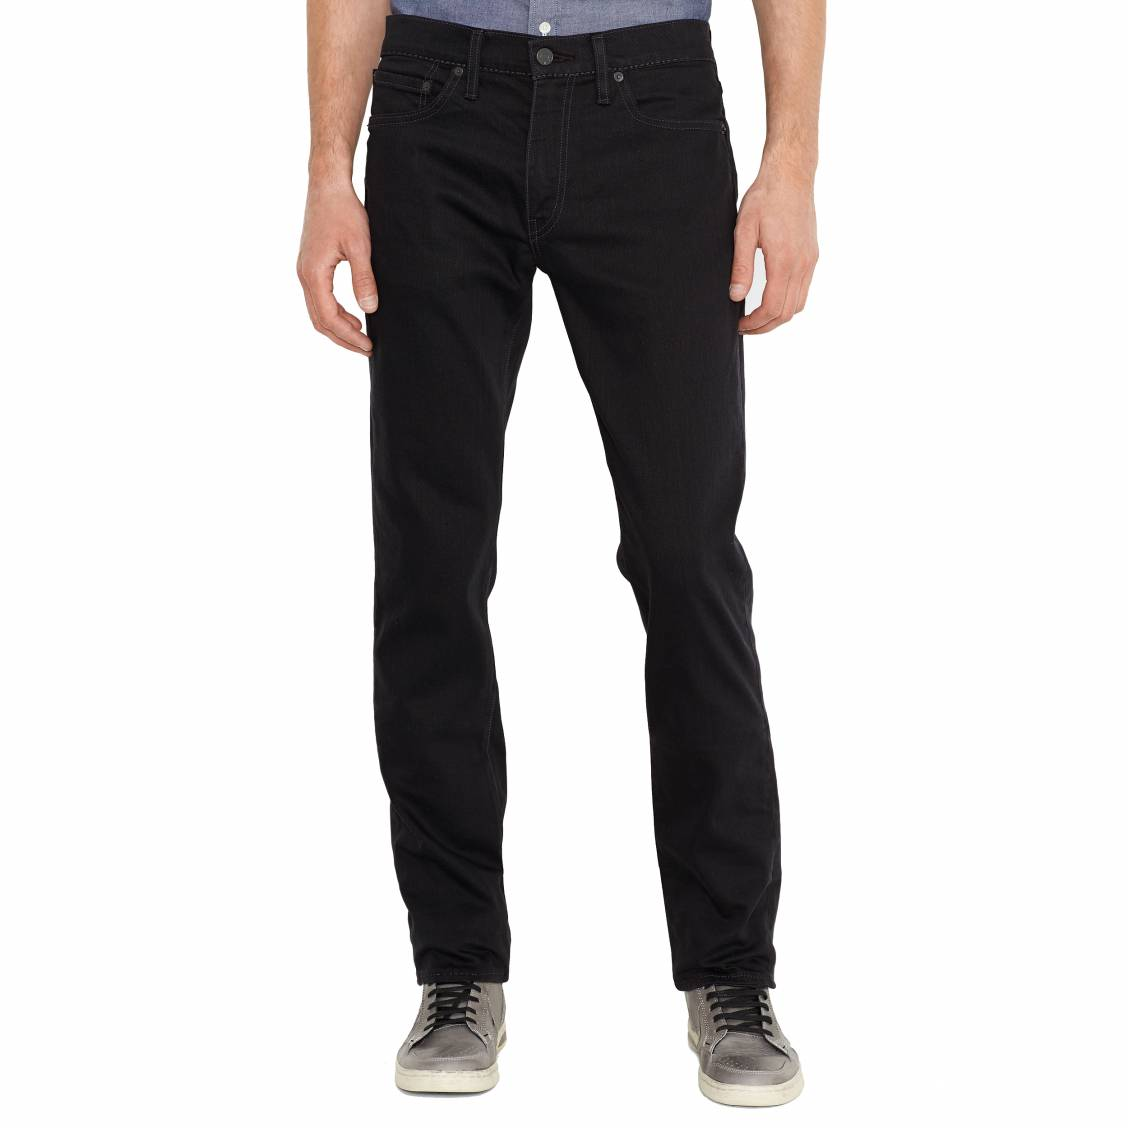 Jean Levi's 511 slim fit Moonshine noir. Jean homme Levi's- Coton (98%), Elasthanne (2%)- Noir- Coupe slim- Taille basse- Bas et cuisses resserr&eacut